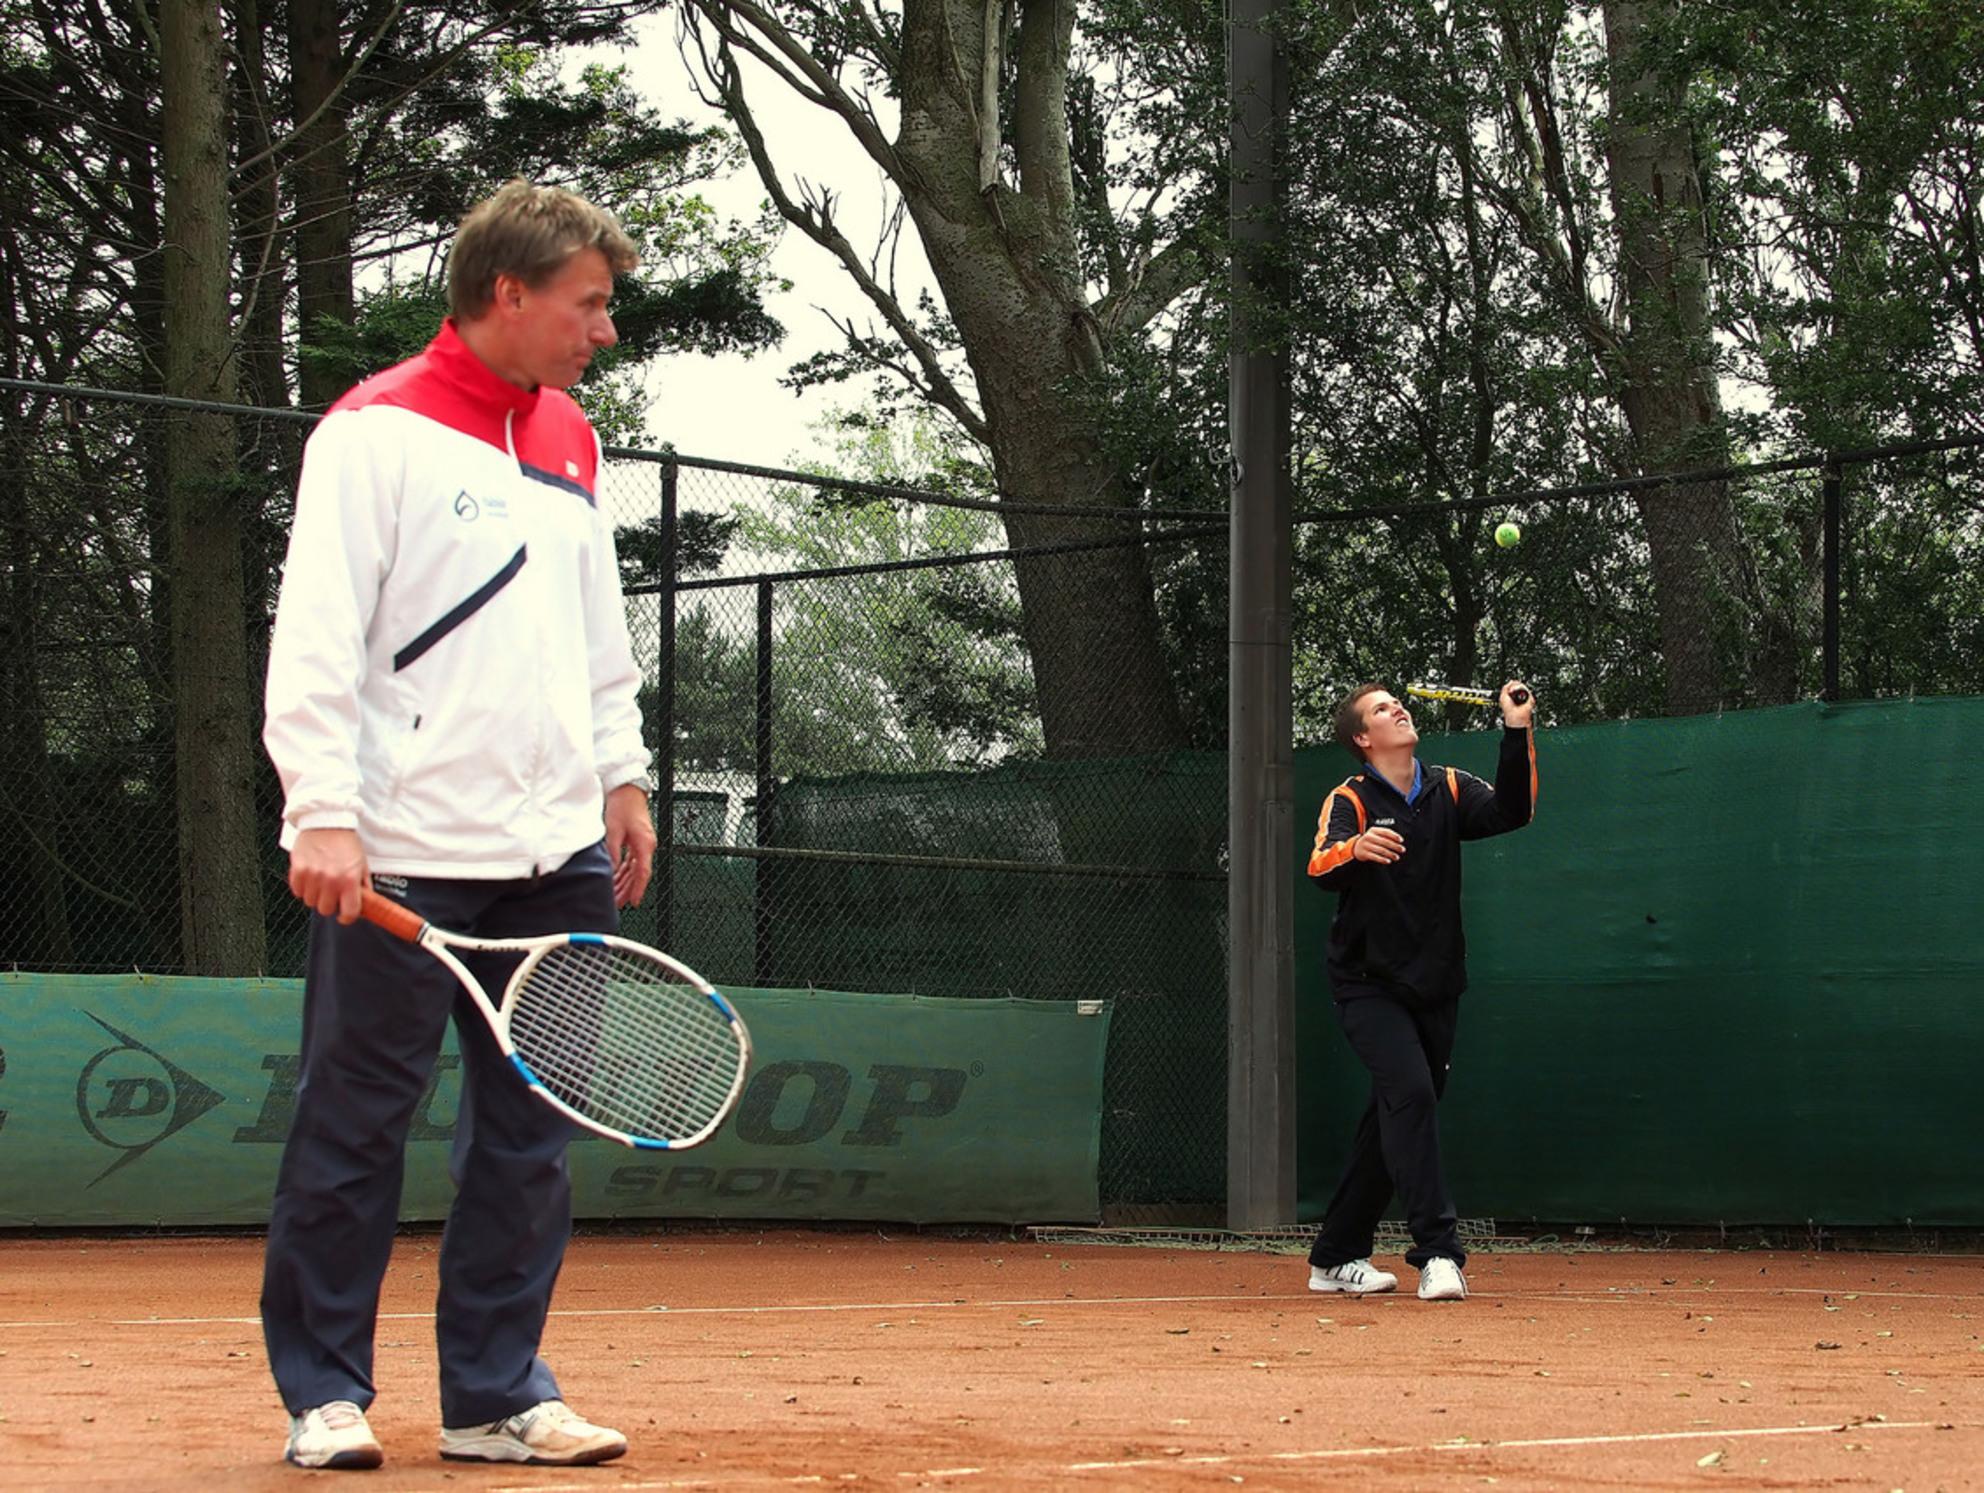 Dubbel spel,... - Heren,..ja hier wel gevangen de bal.... ook op het tennis toernooi... Iedereen bedankt voor de reacties op...... Gemist deze slag....... Was leuk - foto door wim181261 op 20-07-2015 - deze foto bevat: mensen, kleur, licht, bal, tennis, beweging, s, toernooi - Deze foto mag gebruikt worden in een Zoom.nl publicatie